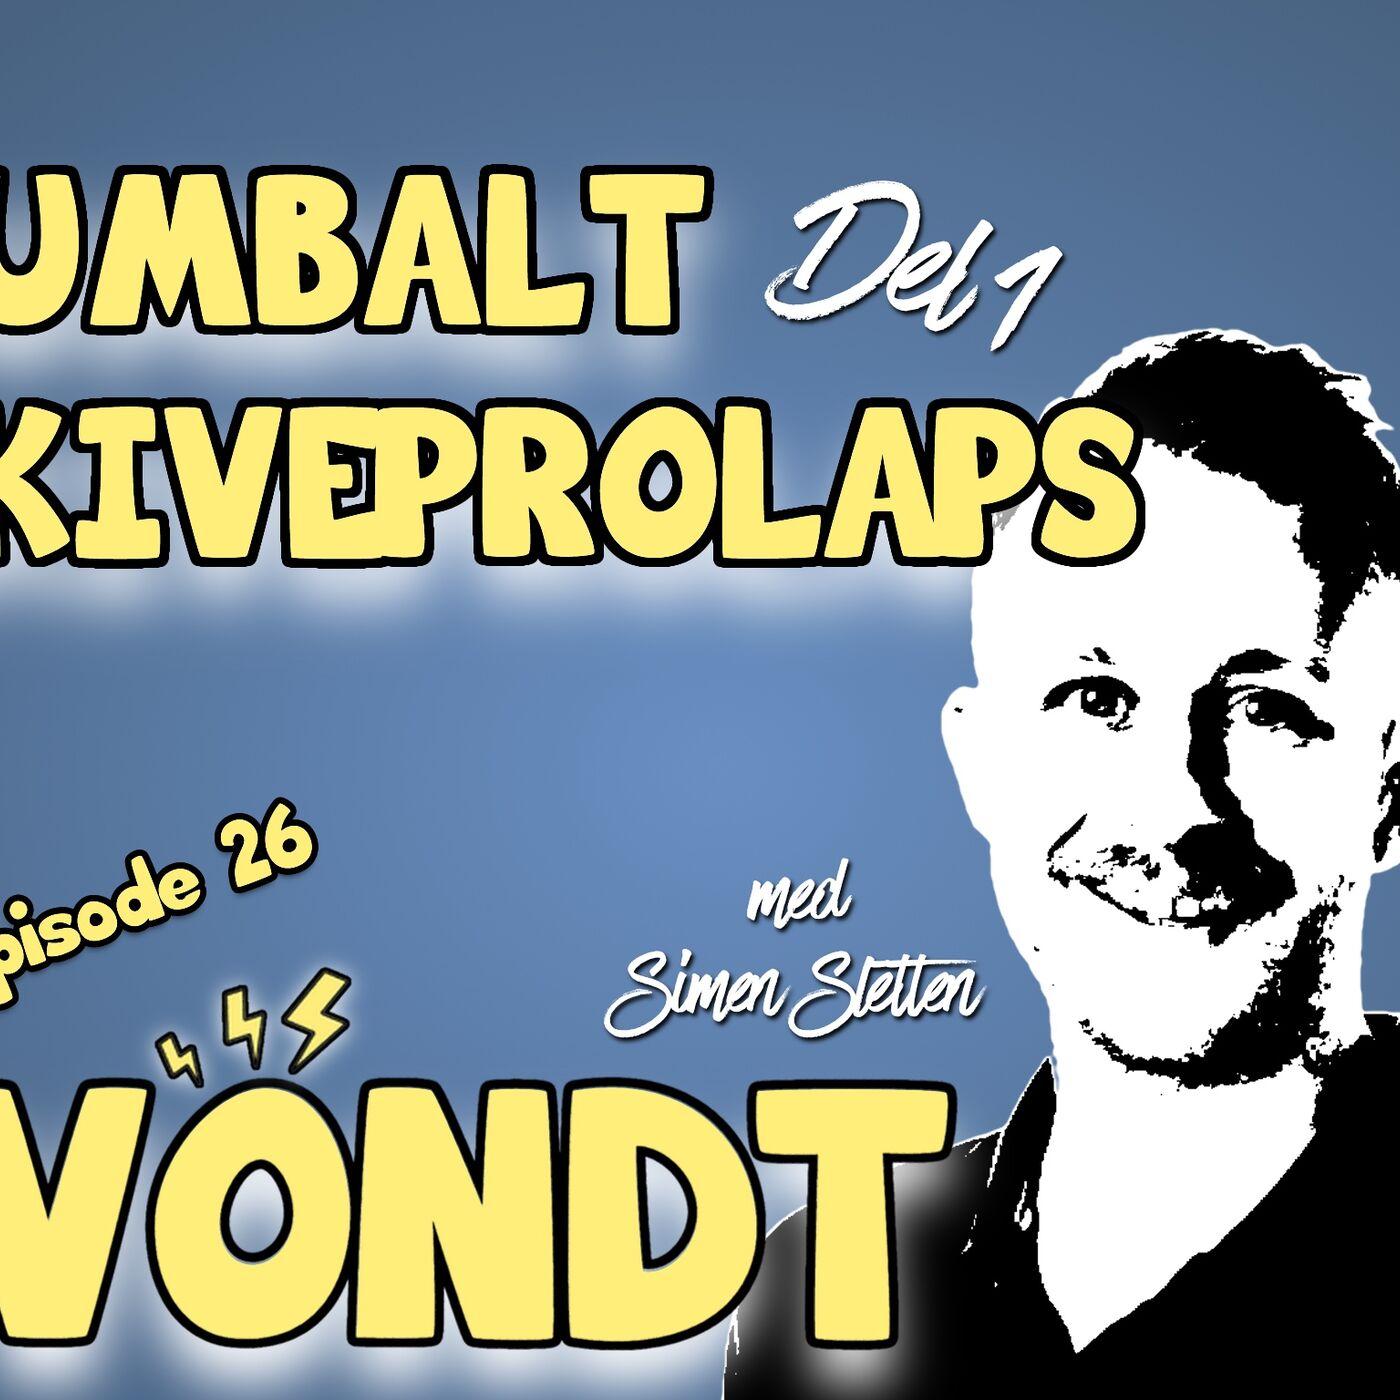 EP 26: Lumbalt skiveprolaps m/ Simen Sletten (del 1)